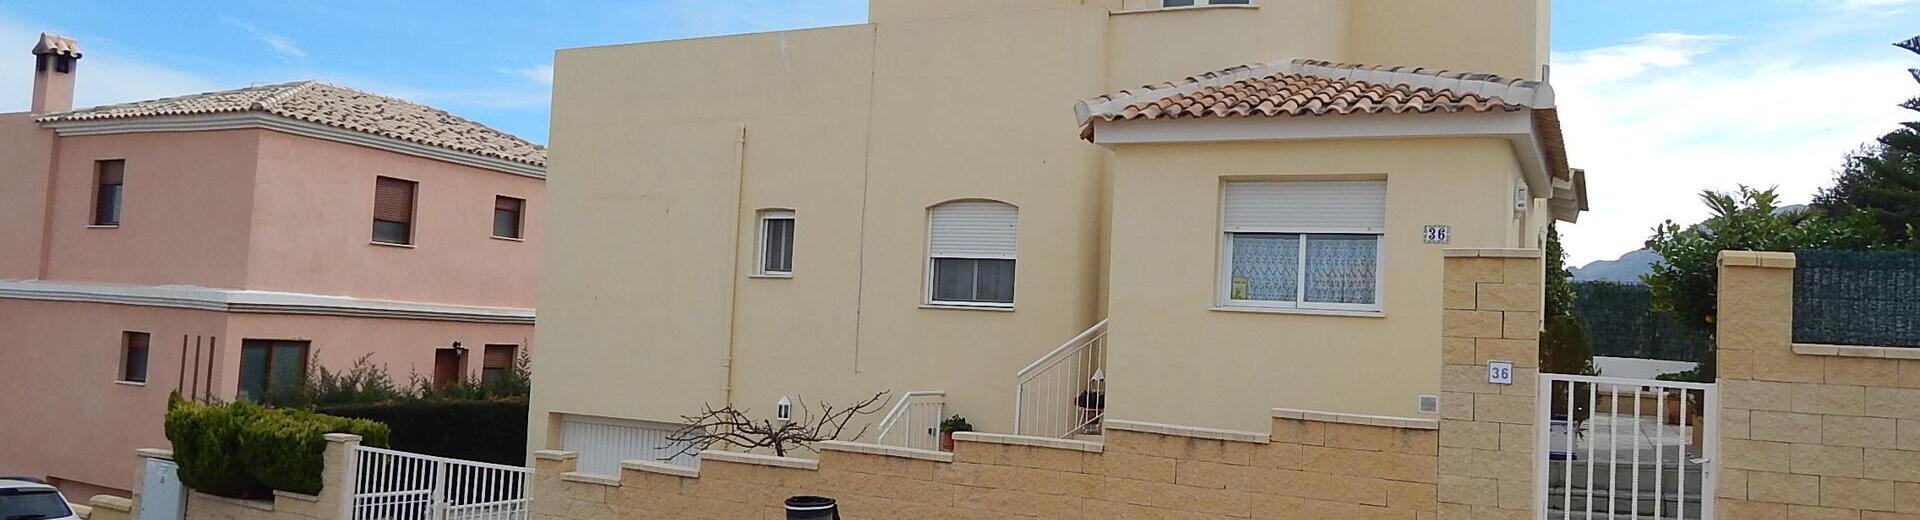 VIP7422A: Villa à vendre